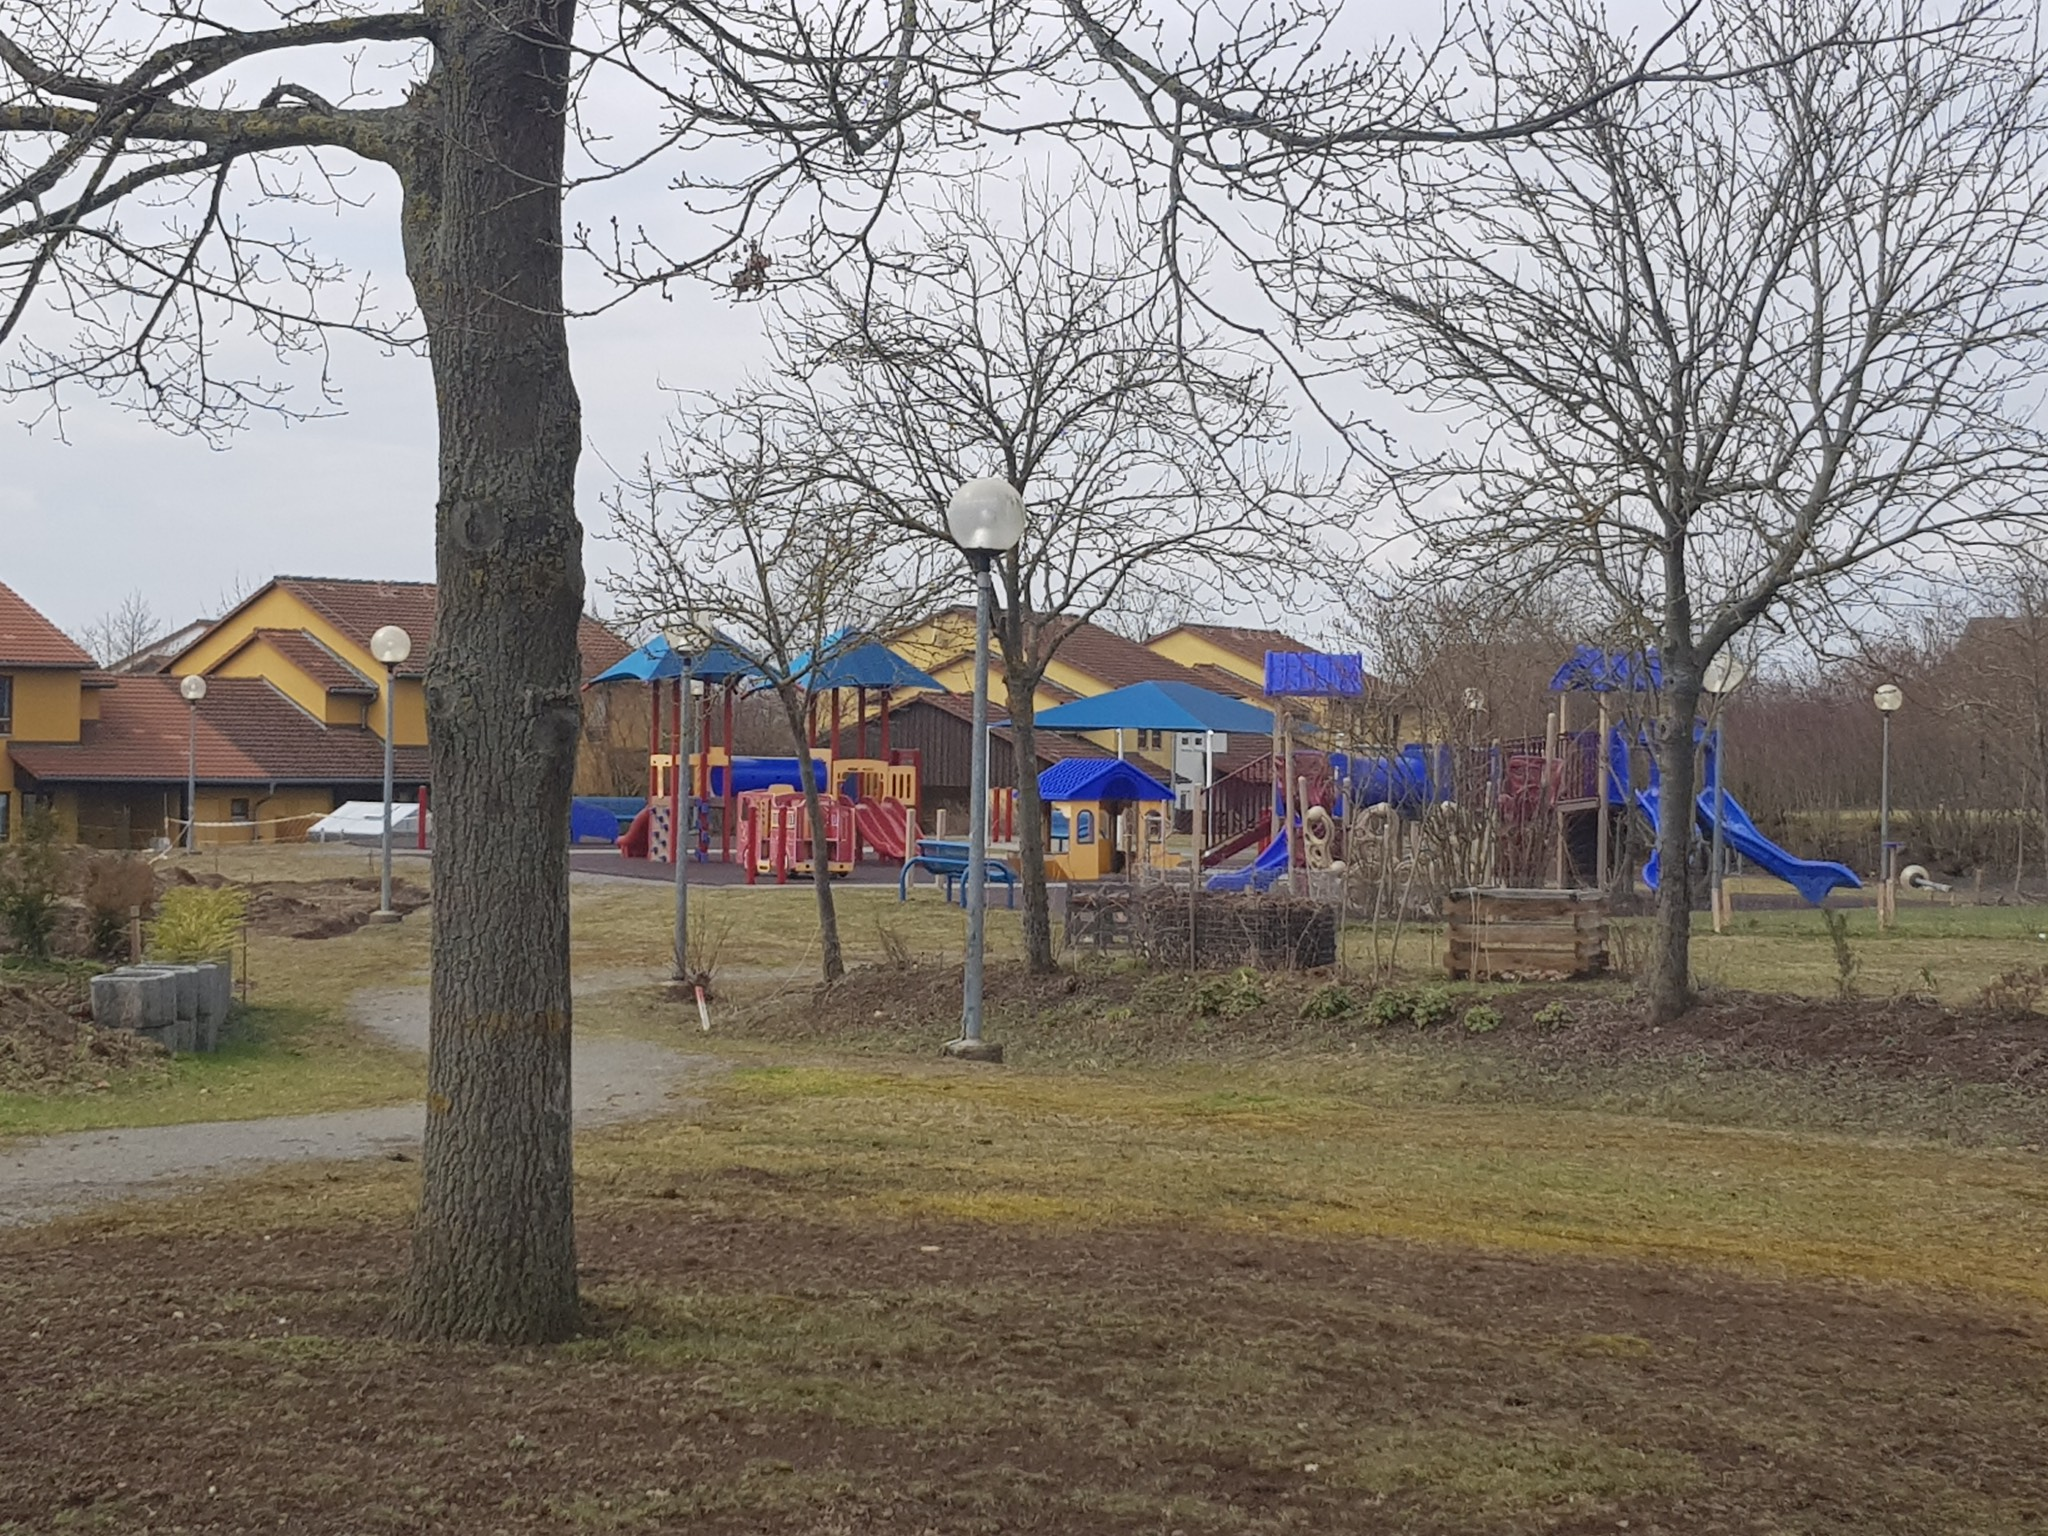 Spielplatz in Yorktown Village. Foto: Dirk Flieger